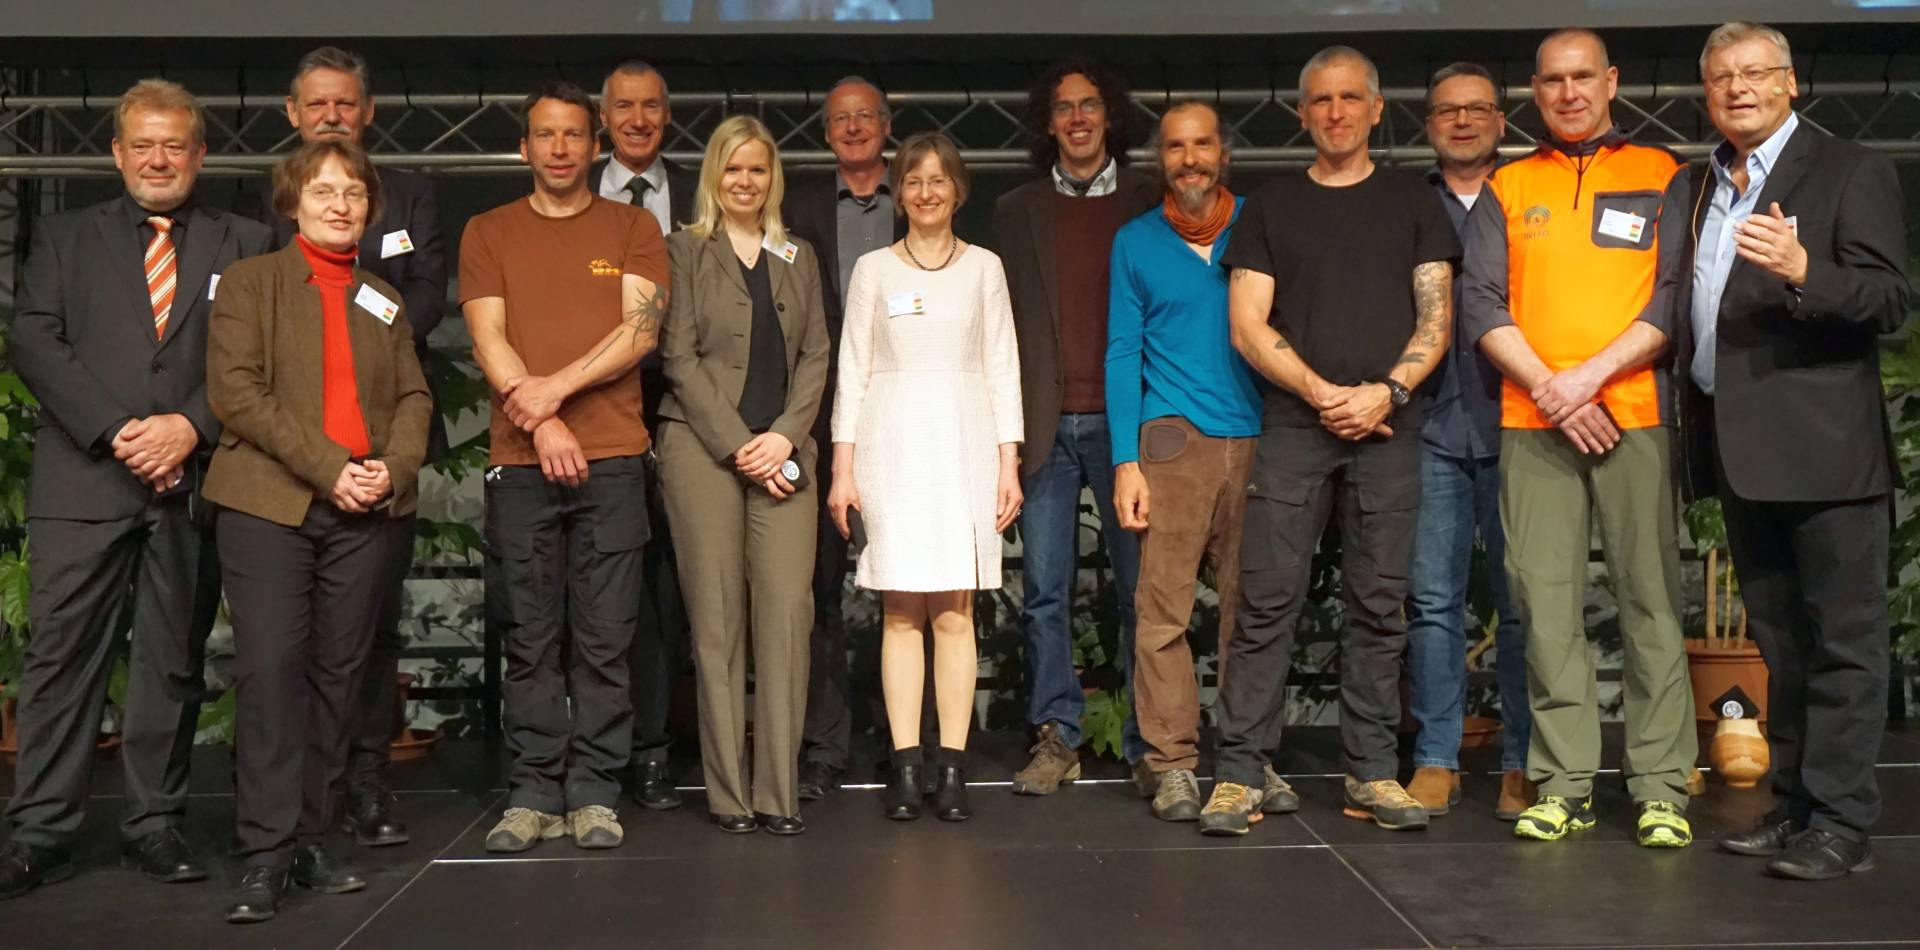 Der Fachbeirat der Deutschen Baumpflegetage mit dem Veranstalter Prof. Dr. Dirk Dujesiefken (ganz rechts) Foto: Kottich